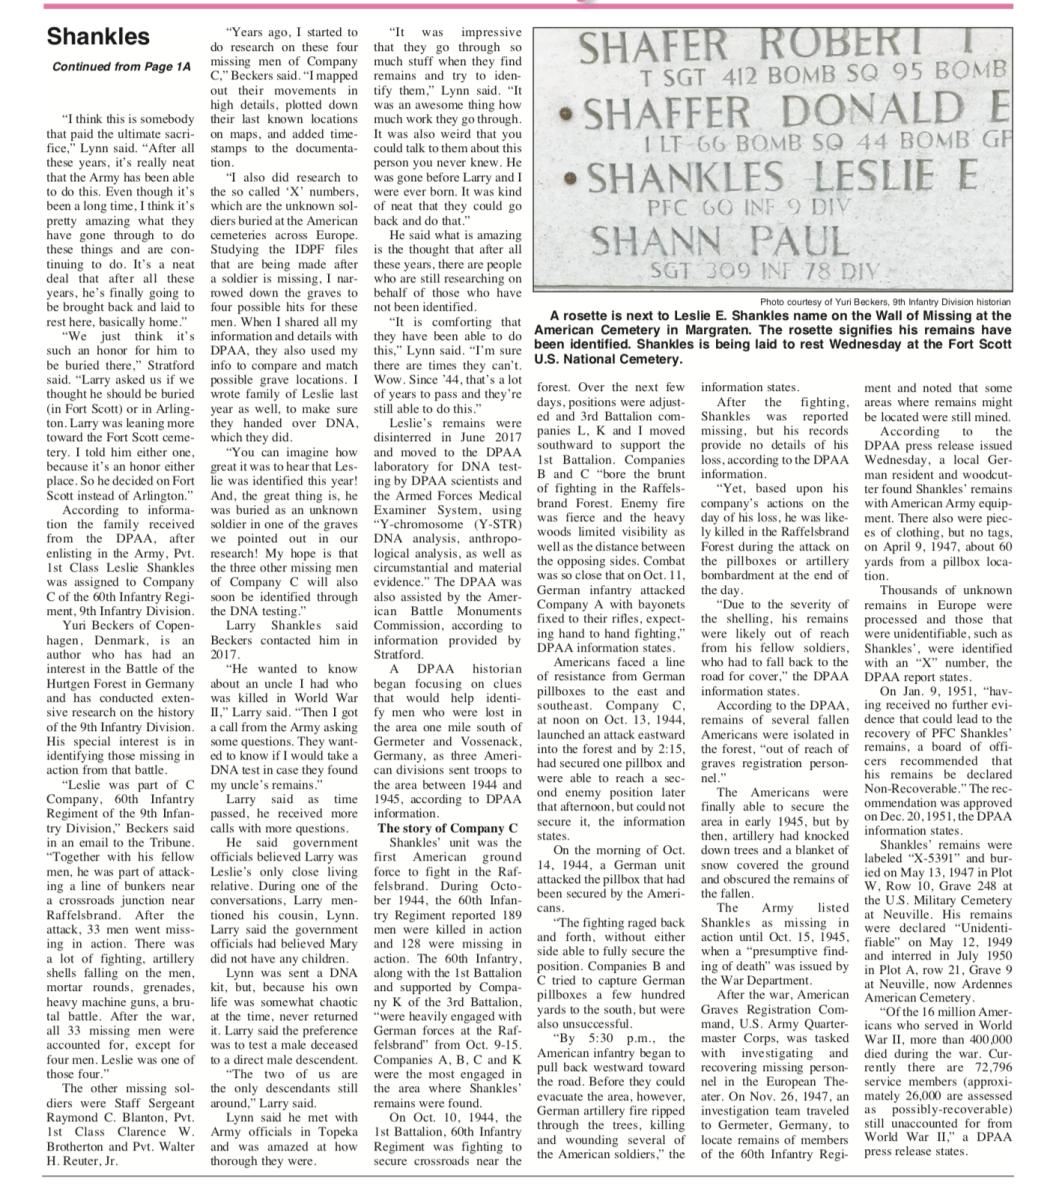 Leslie Shankles News Page 2